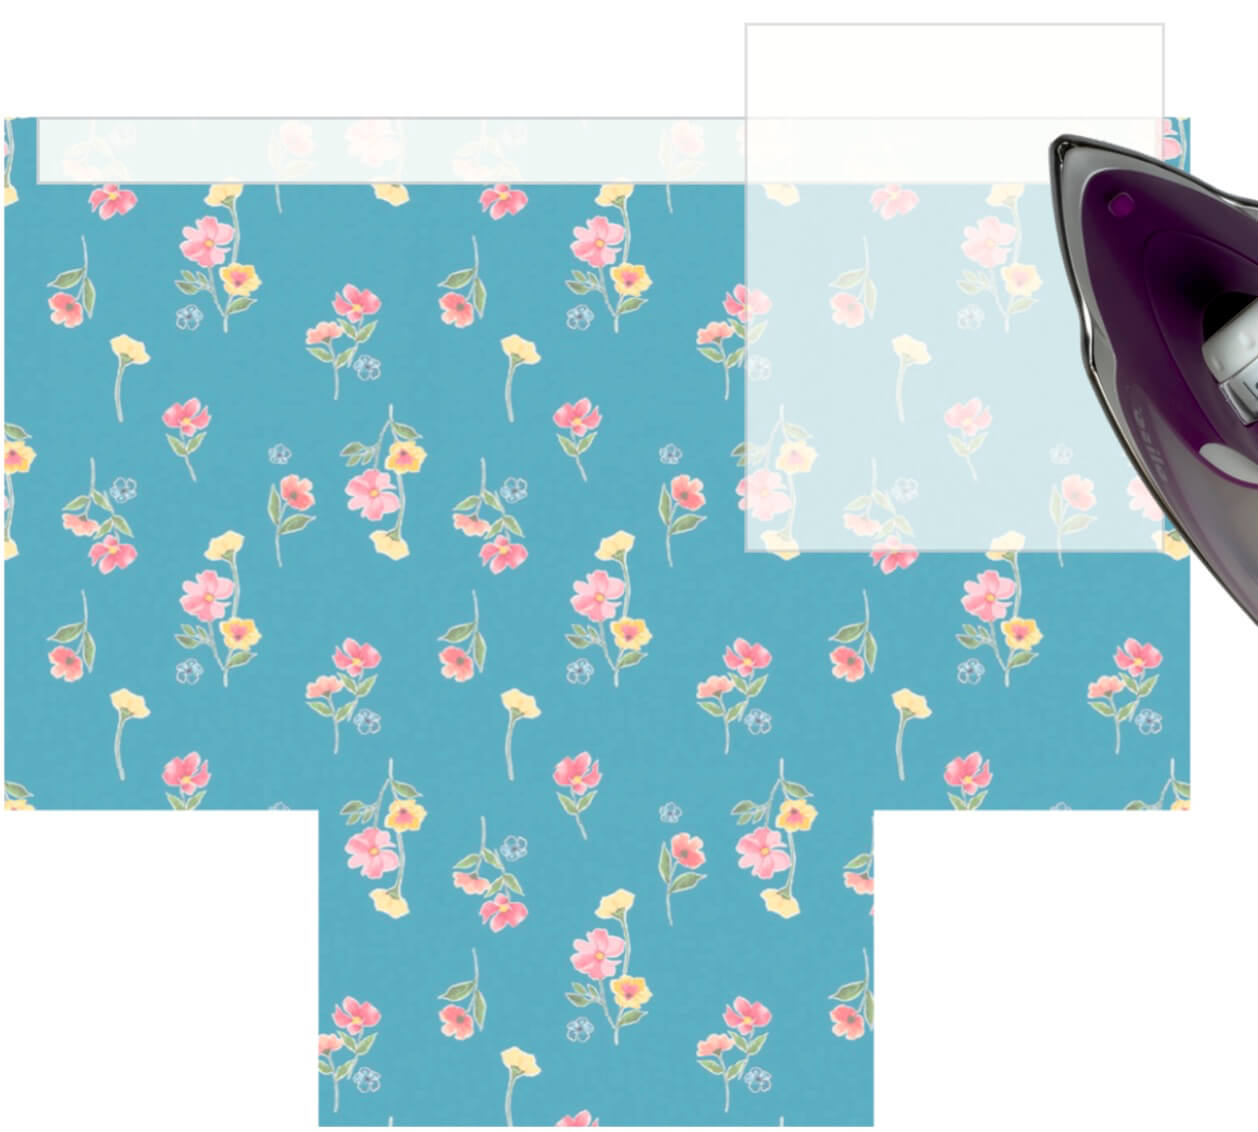 NEW! Stitch it! Sisters Sew Organized Fabric Bins Sewing Tutorial